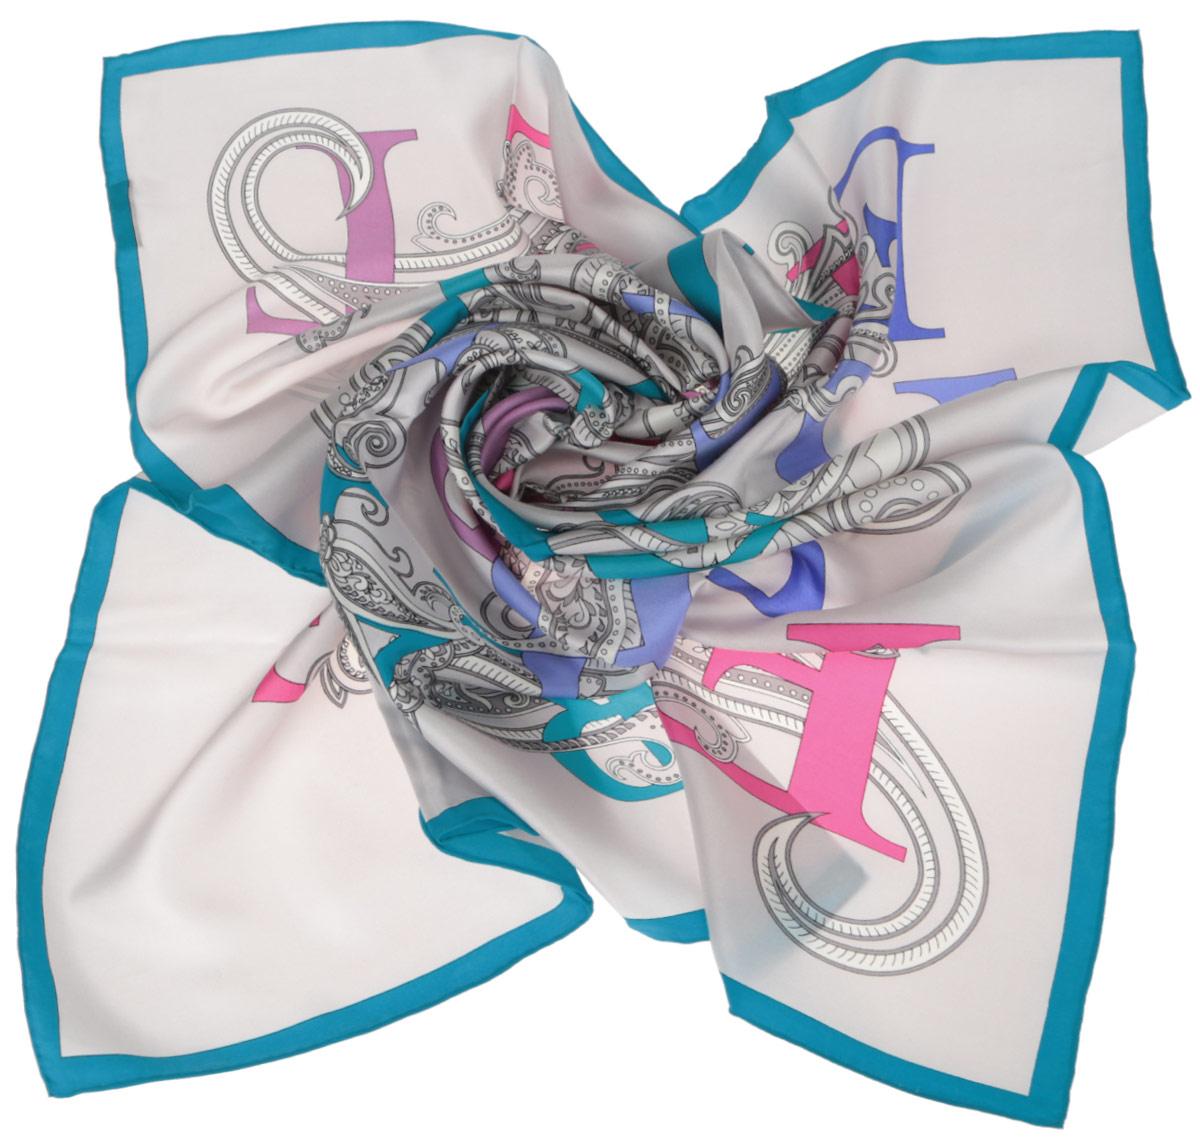 Платок женский. CX1516-44CX1516-44-8Стильный женский платок Fabretti станет великолепным завершением любого наряда. Платок изготовлен из высококачественного 100% шелка и оформлен красочным принтом с буквами на фоне цветочного орнамента. Классическая квадратная форма позволяет носить платок на шее, украшать им прическу или декорировать сумочку. Мягкий и шелковистый платок поможет вам создать изысканный женственный образ, а также согреет в непогоду. Такой платок превосходно дополнит любой наряд и подчеркнет ваш неповторимый вкус и элегантность.